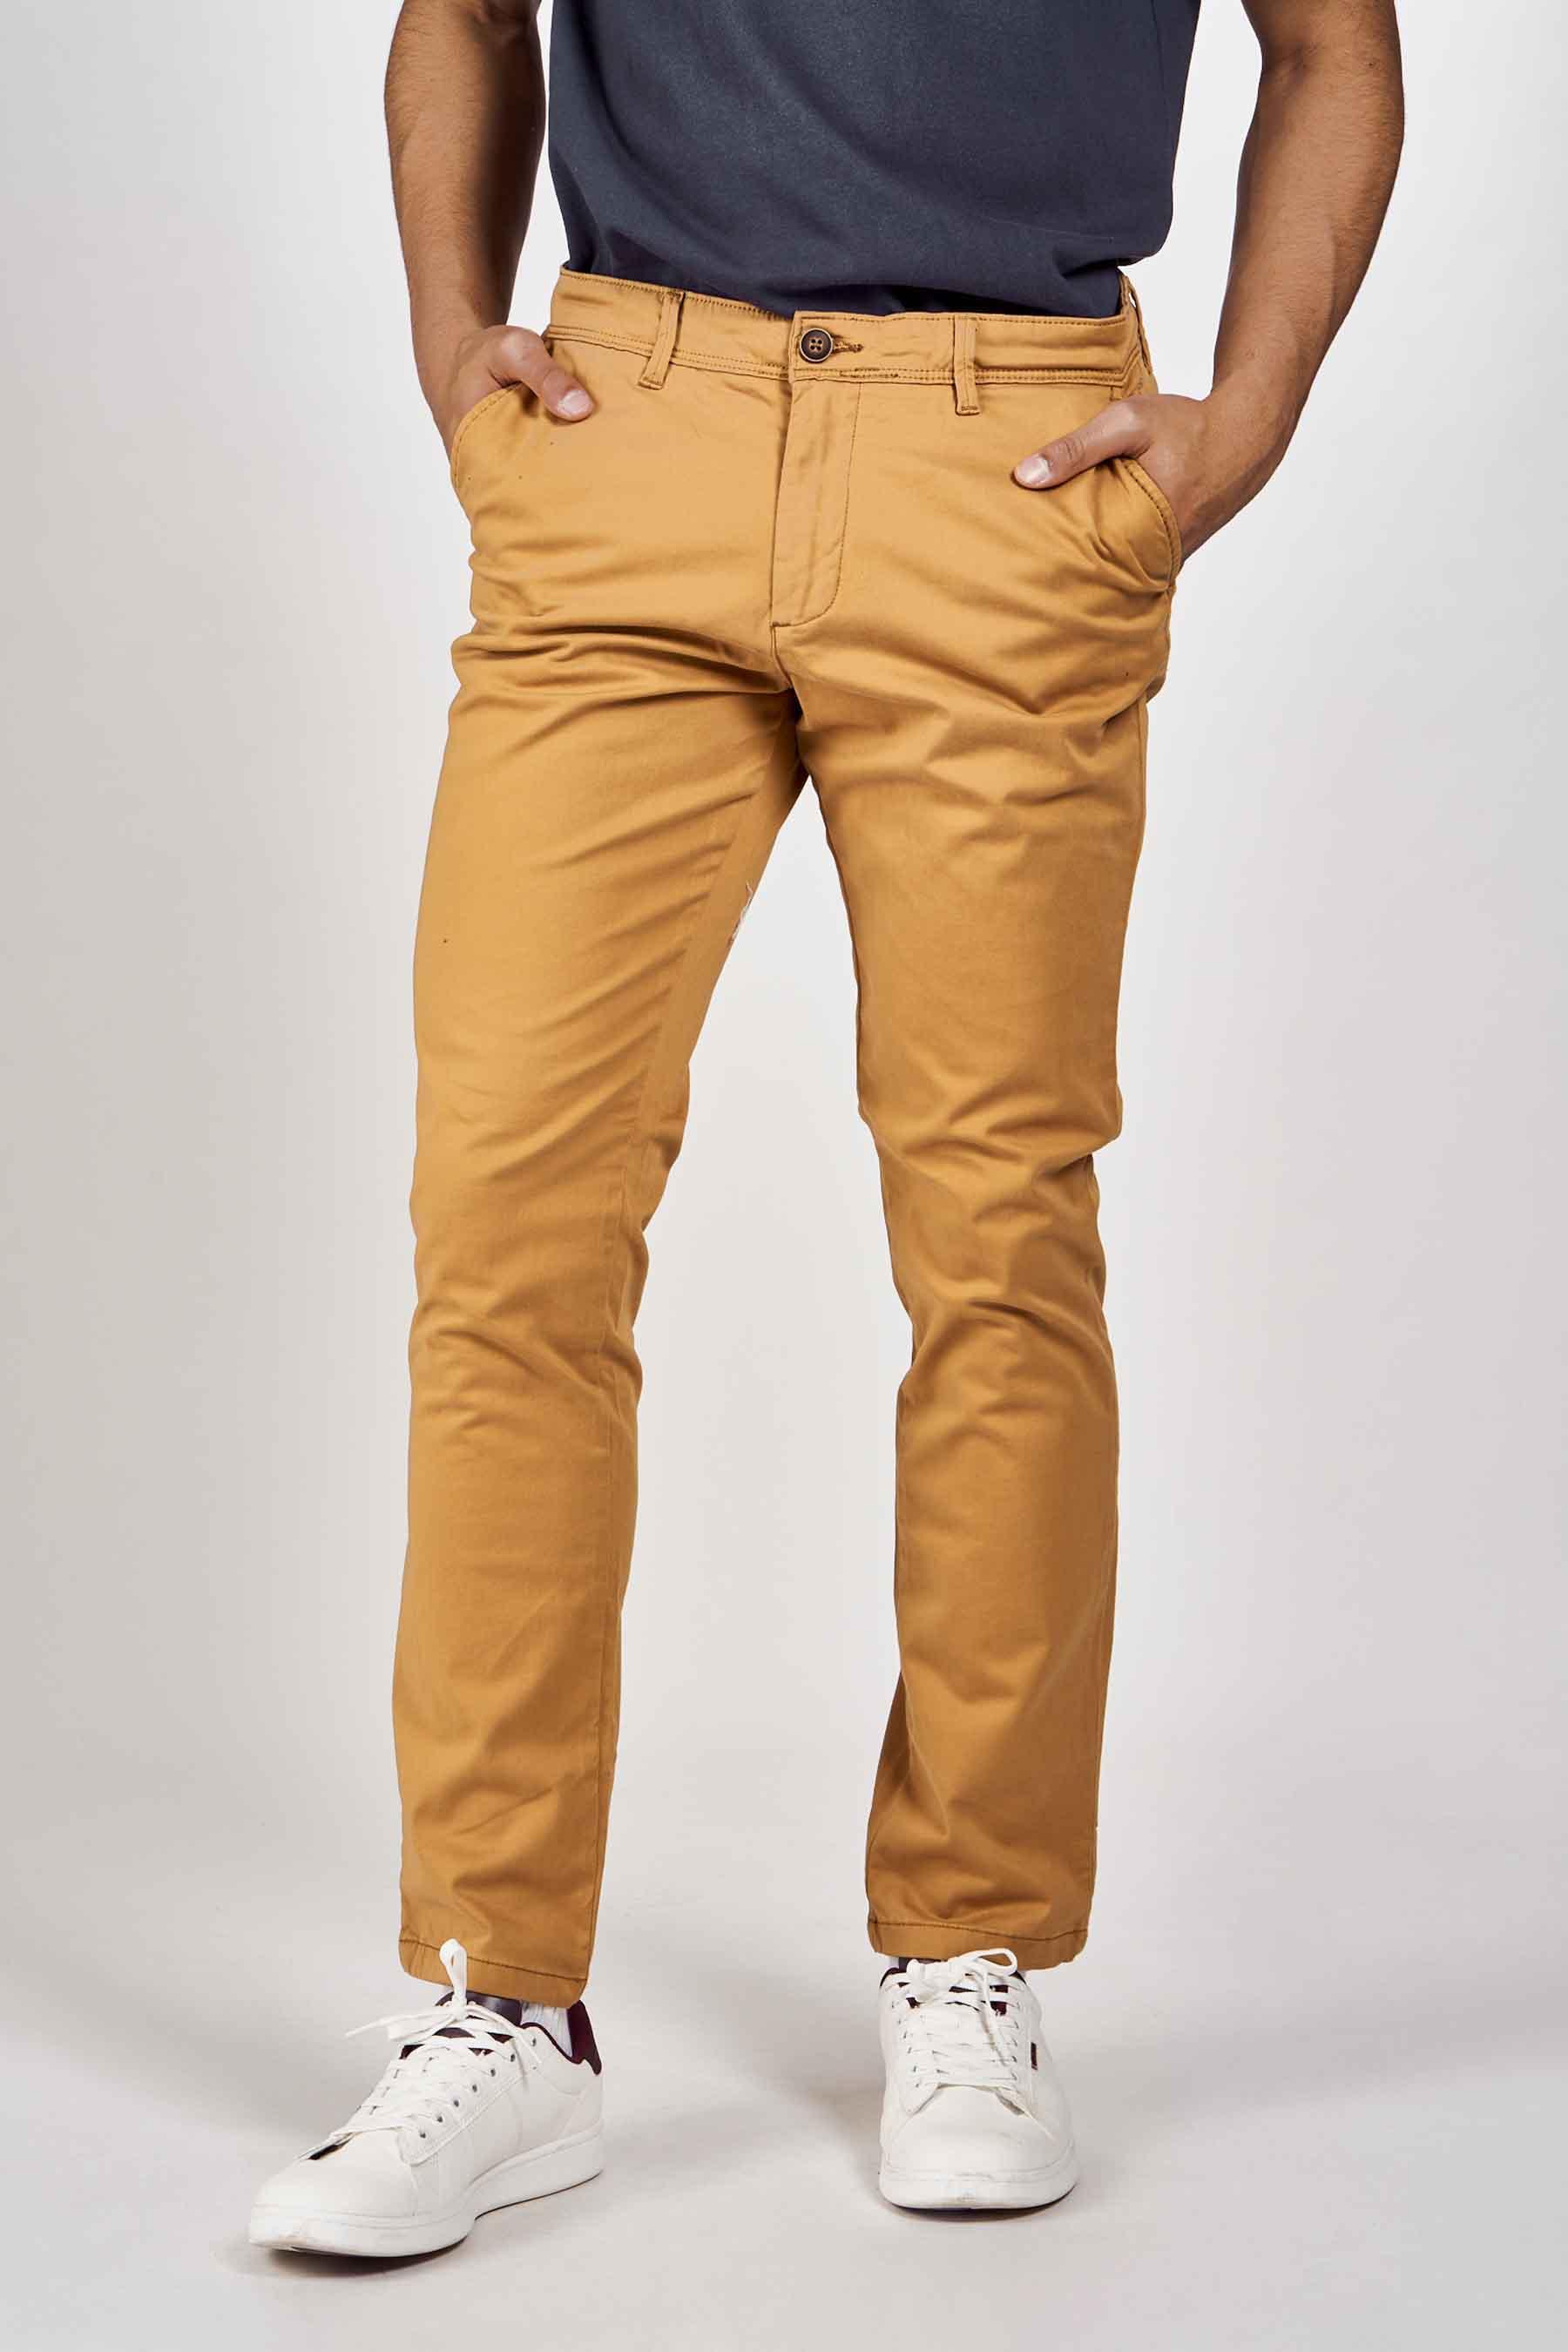 Jack & Jones Jeans Intelligence Chino, Bruin, Heren, Maat: 27x32